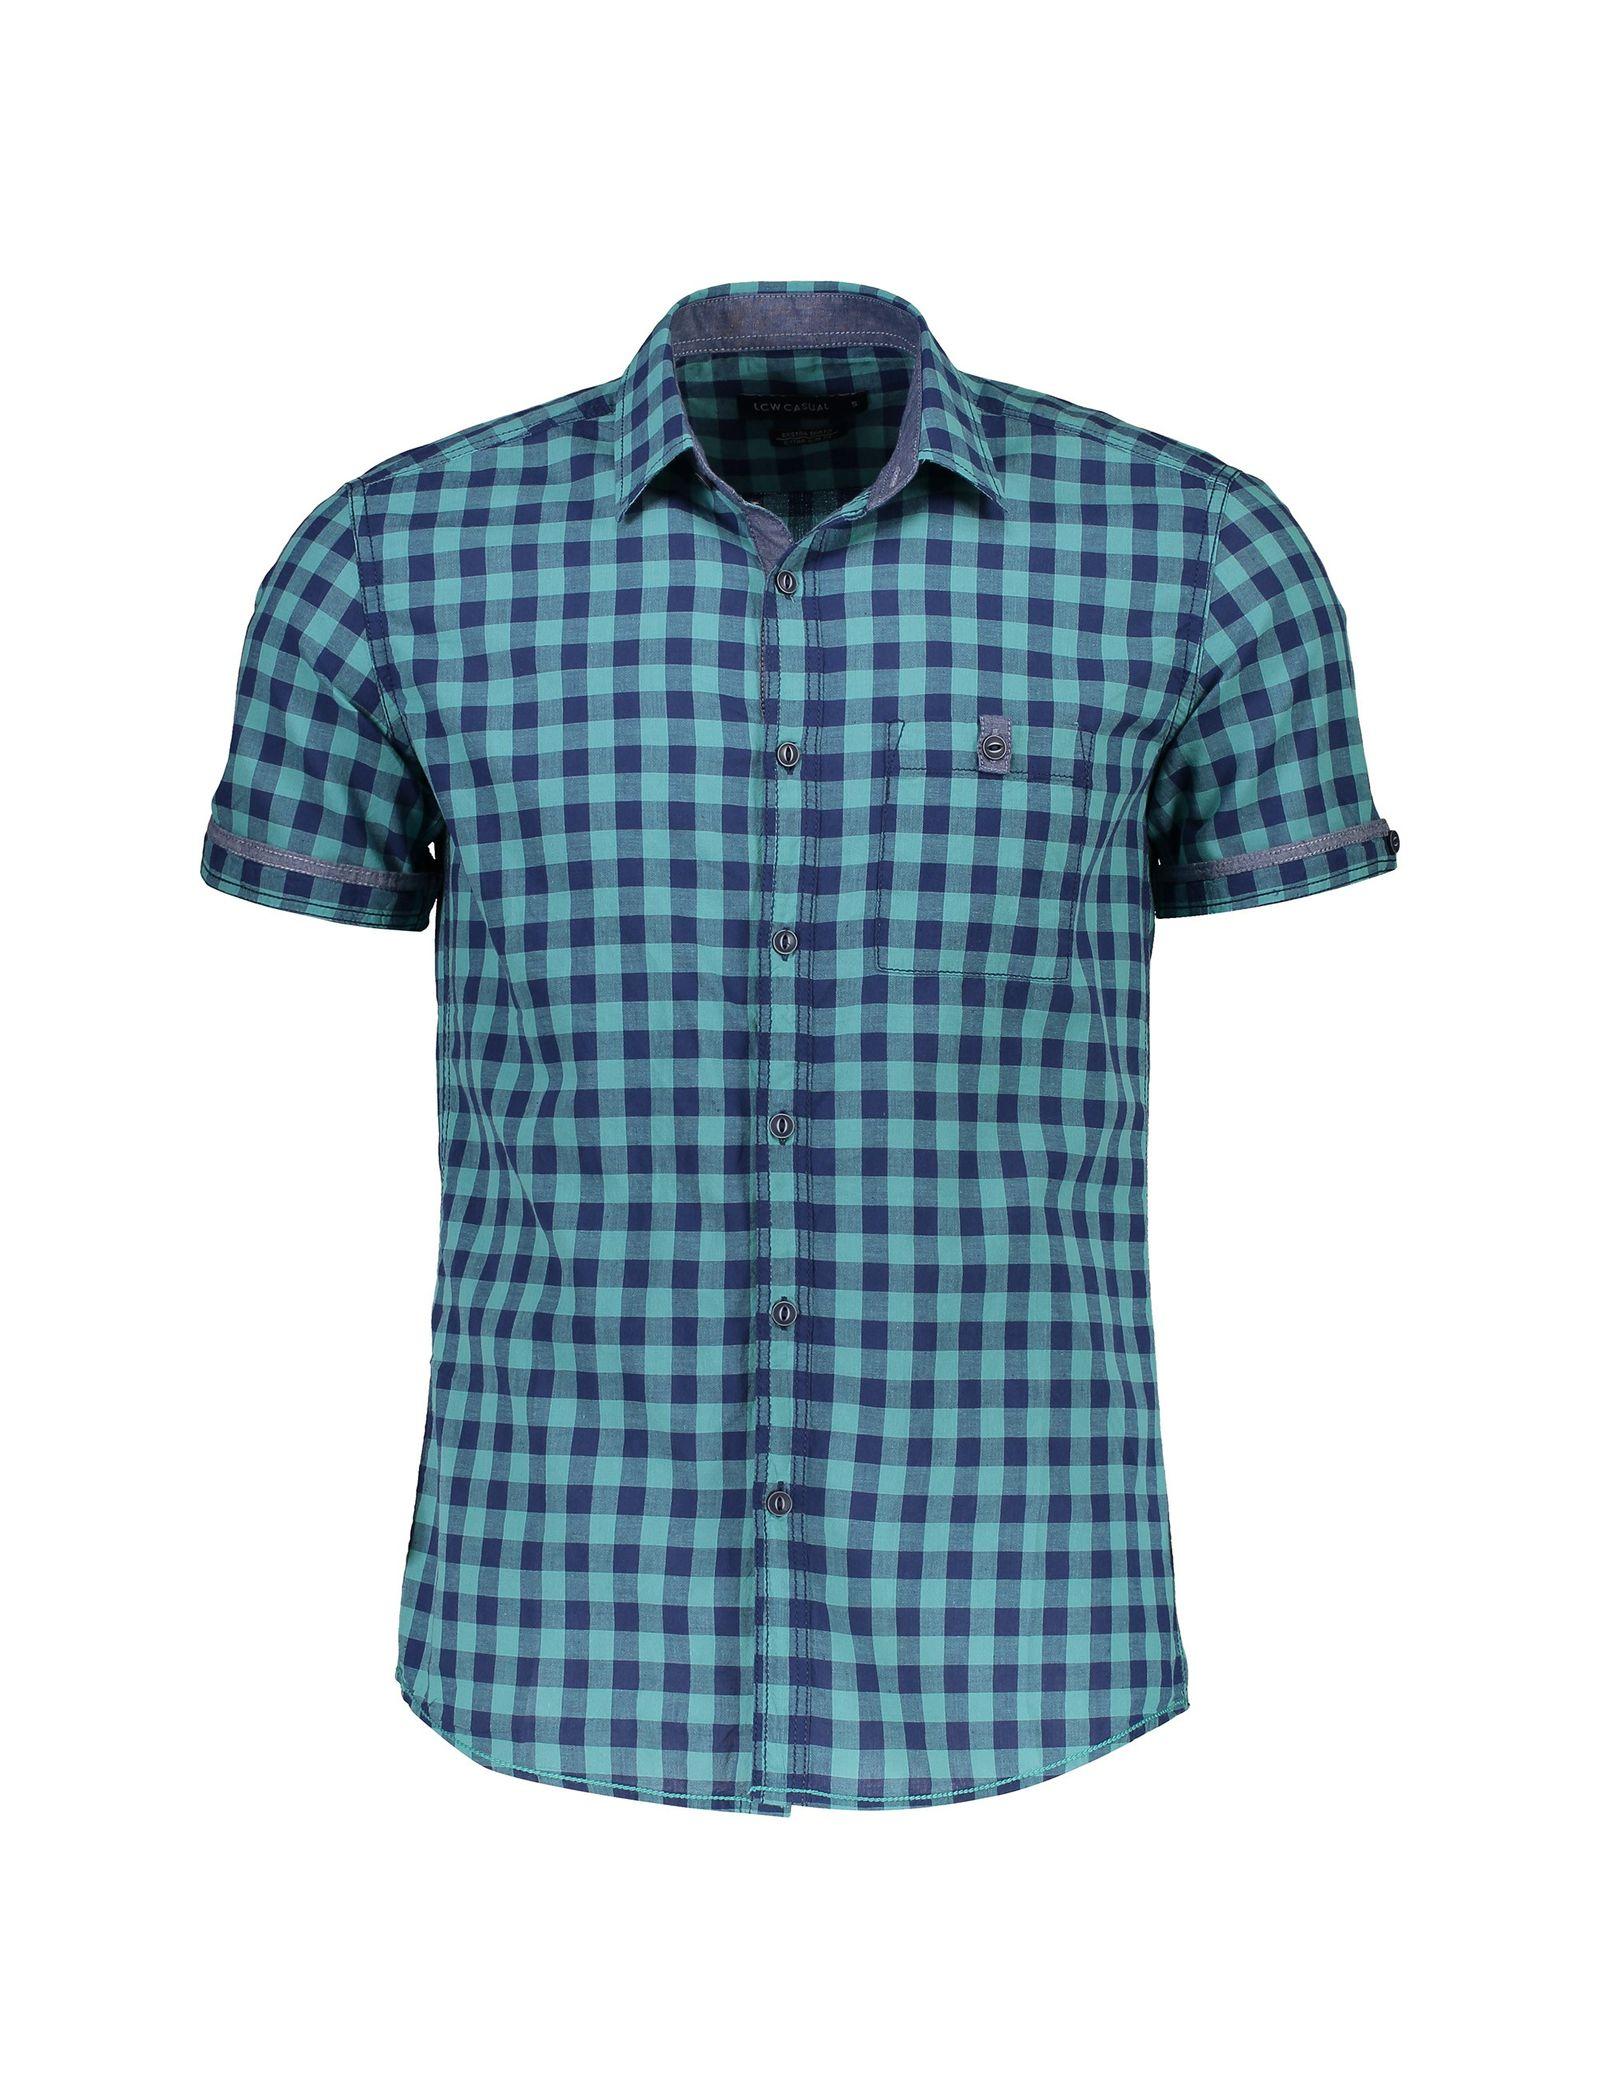 پیراهن نخی آستین کوتاه مردانه - ال سی وایکیکی - سبز آبي - 1